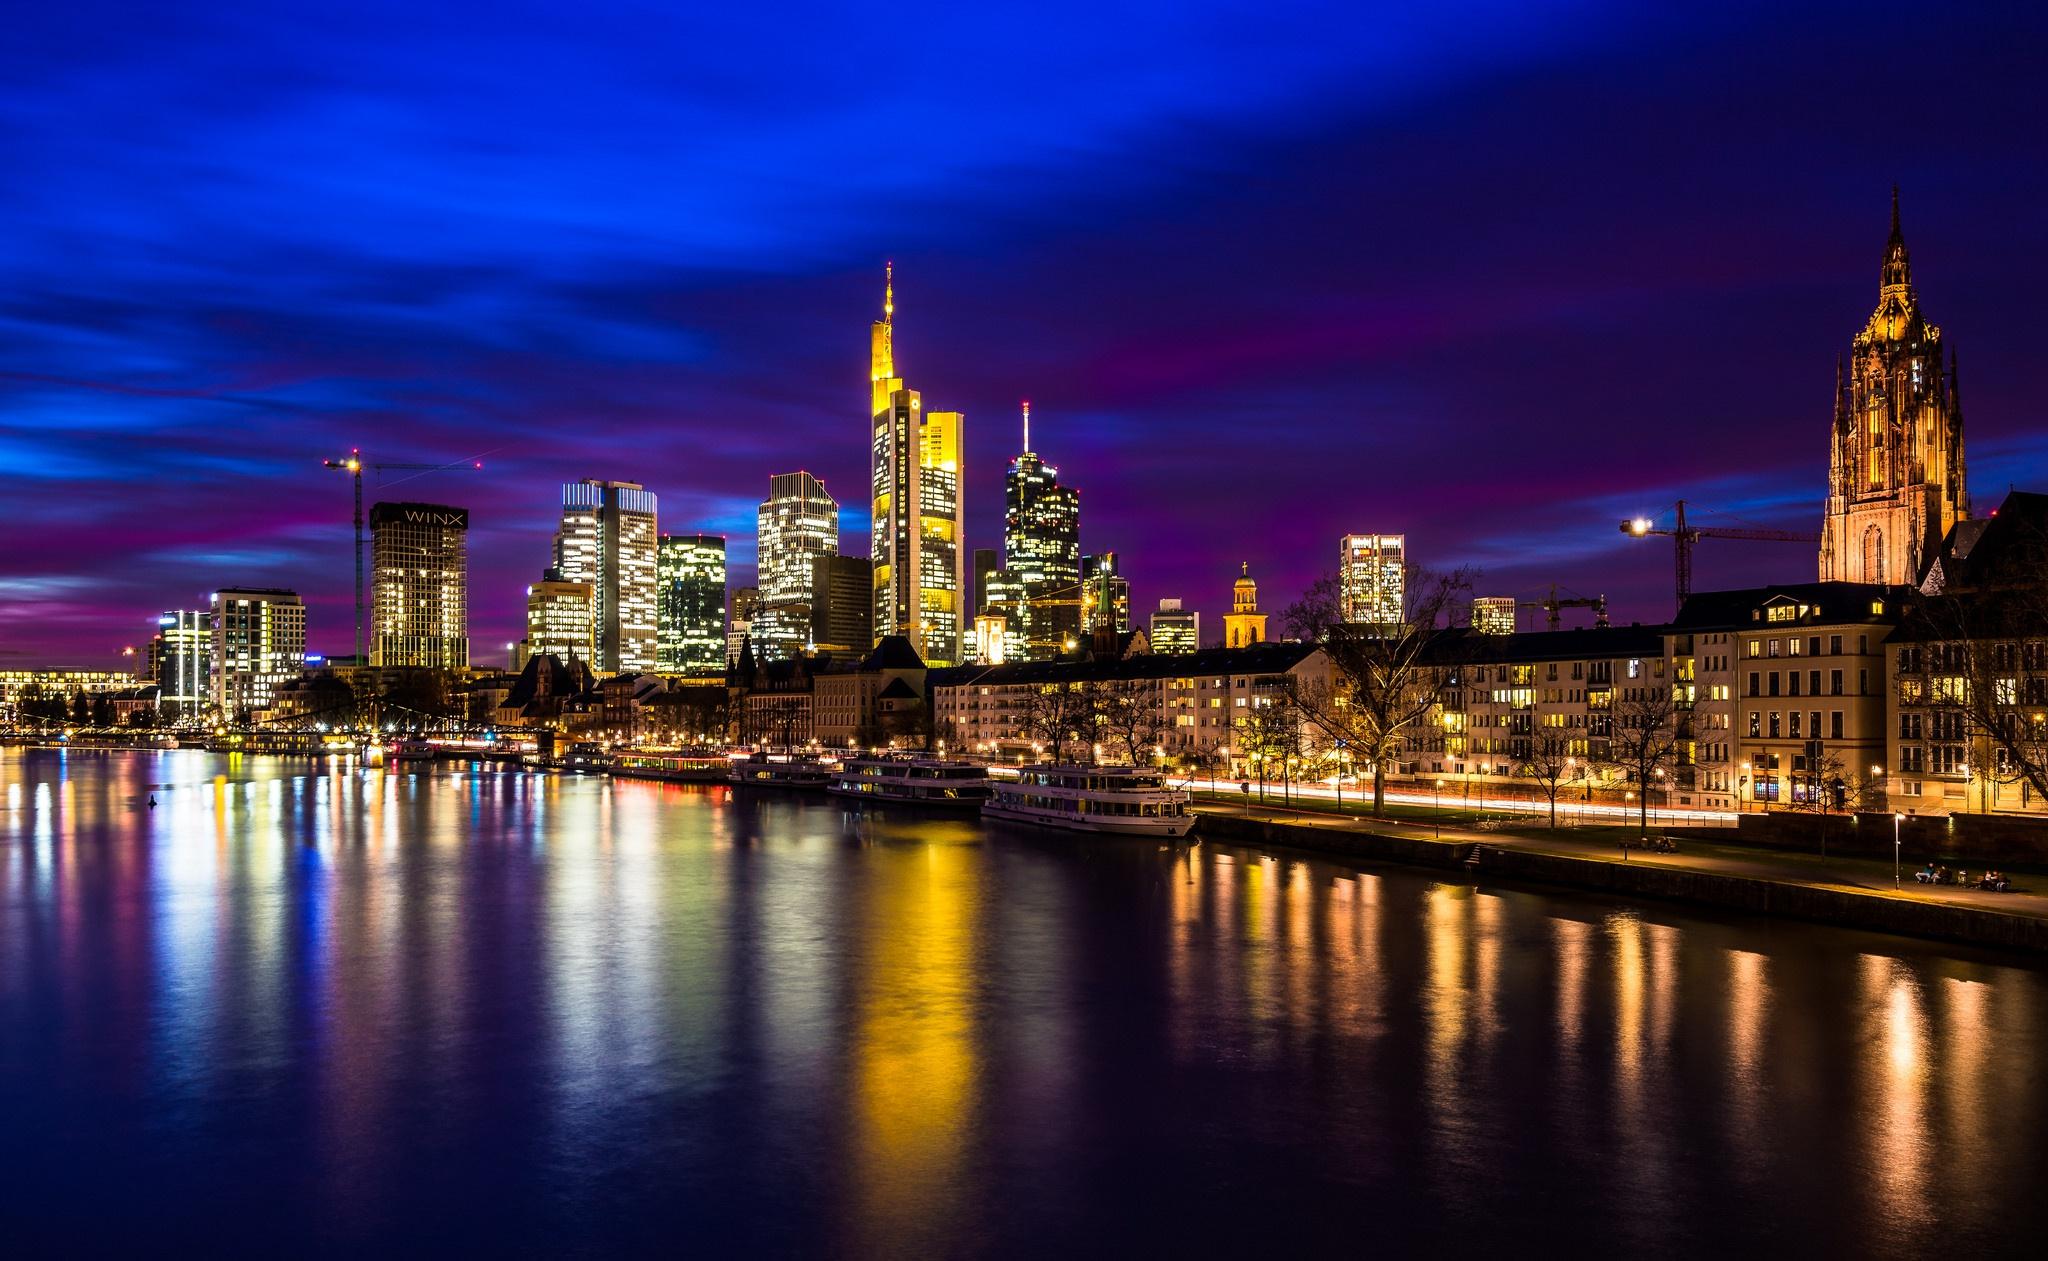 страны архитектура вечер город Франкфурт-на-Майне Германия  № 155599  скачать